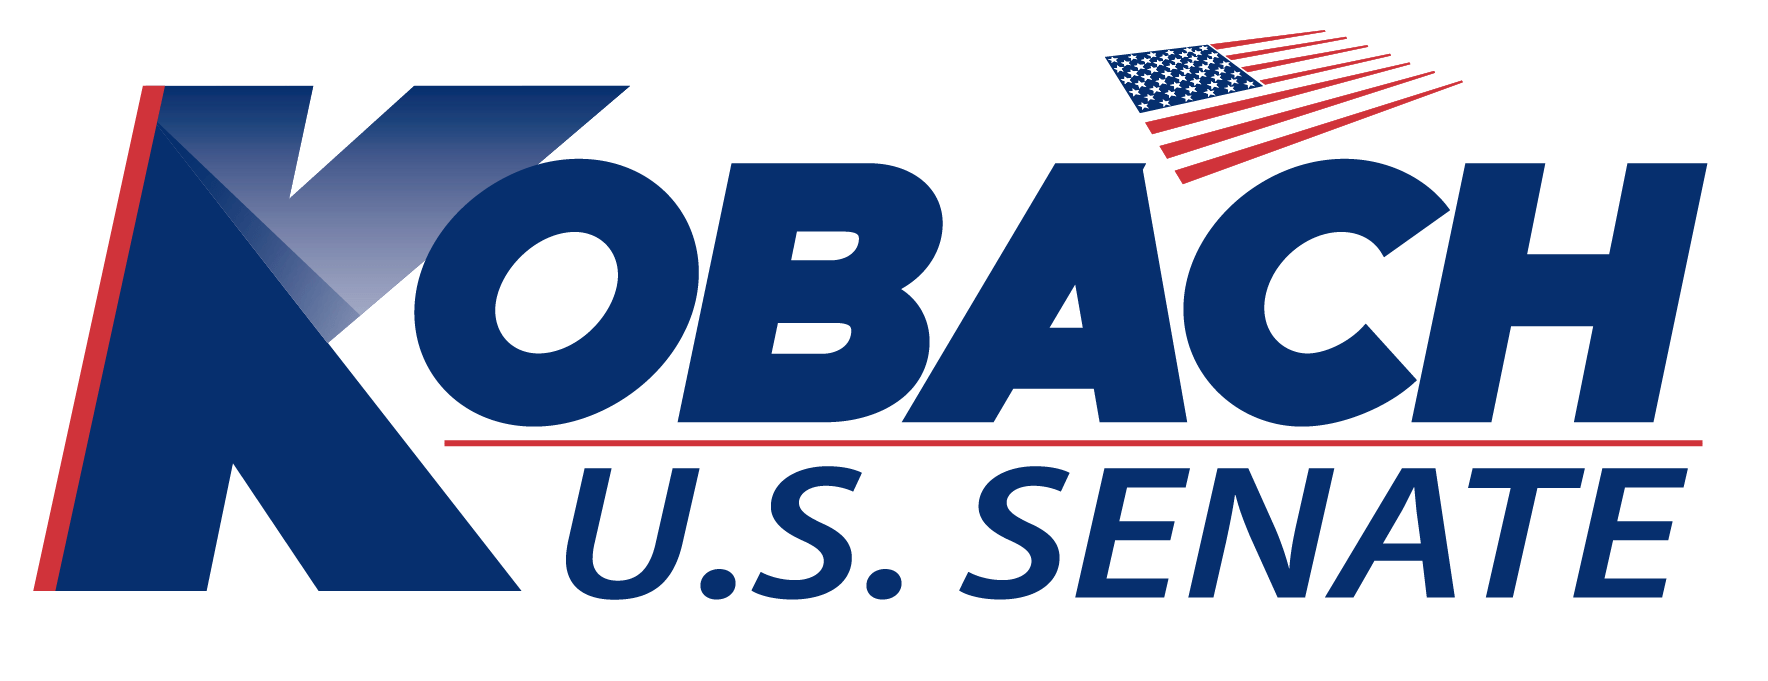 Kobach logo color